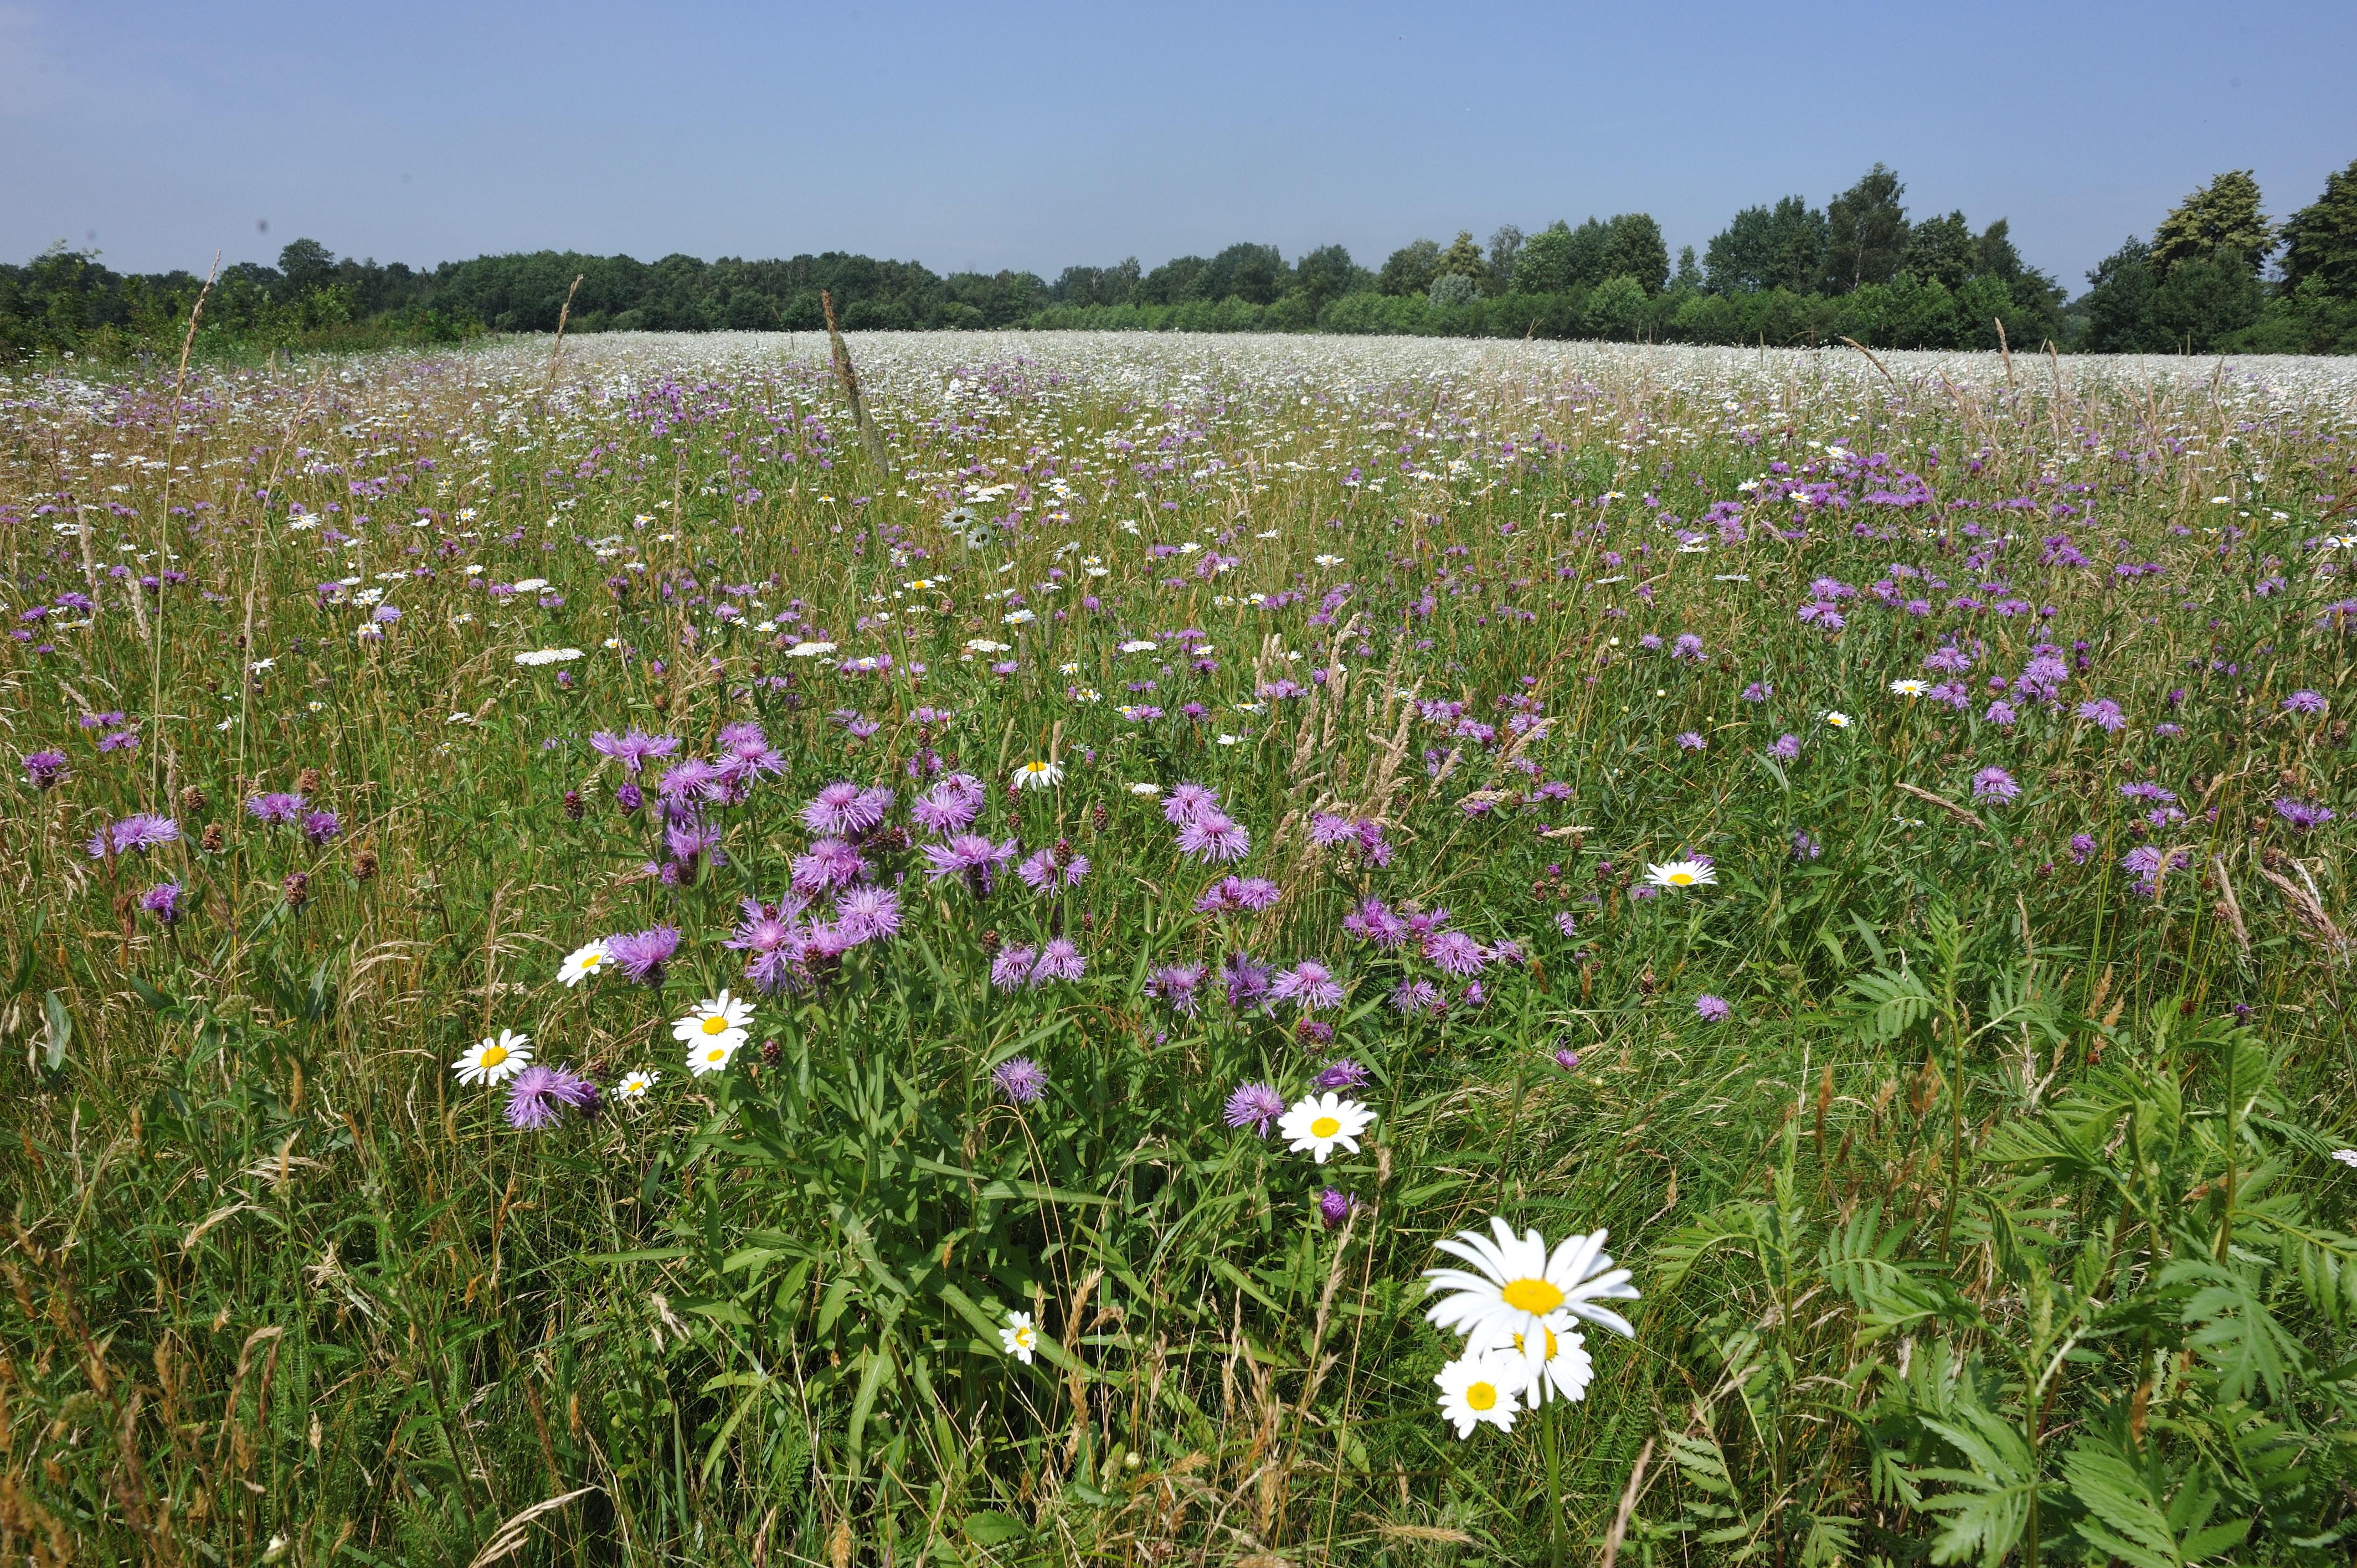 Naturschutzgerecht genutztes Grünland (c) Stiftung NLW